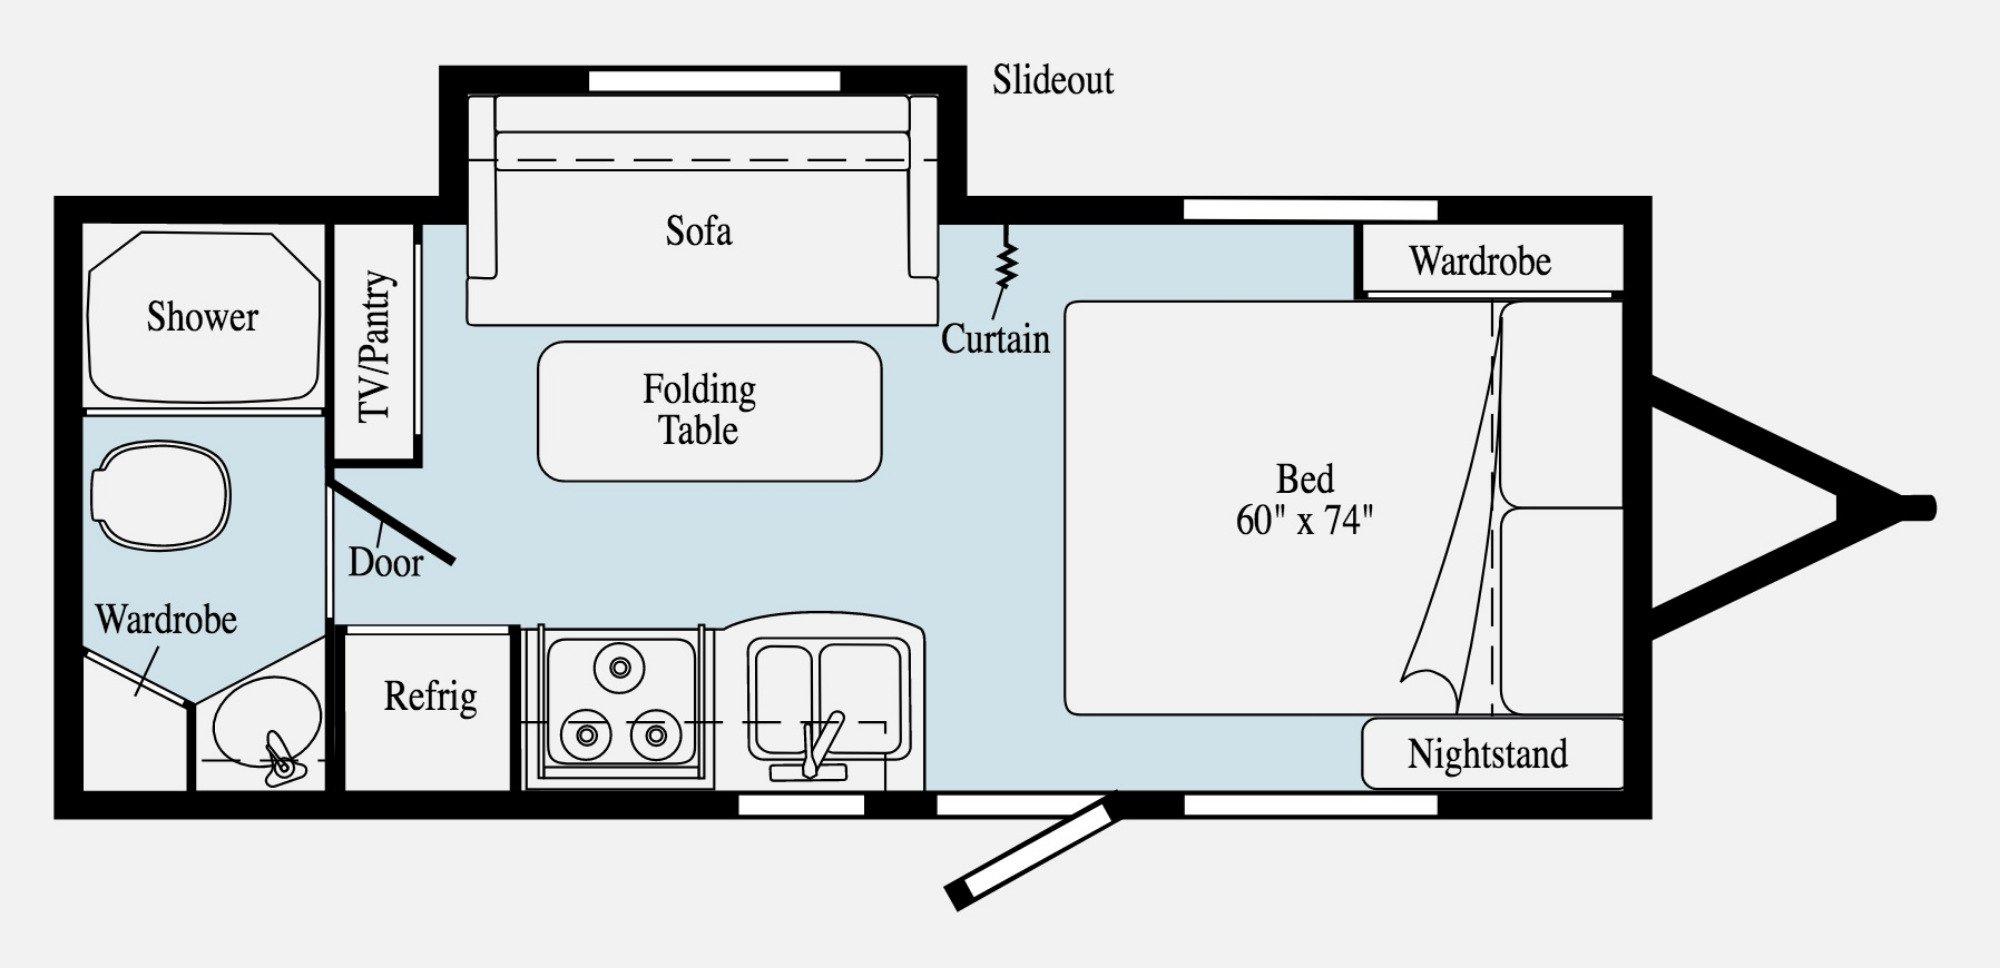 View Floor Plan for 2020 WINNEBAGO MICRO MINNIE 2106FBS